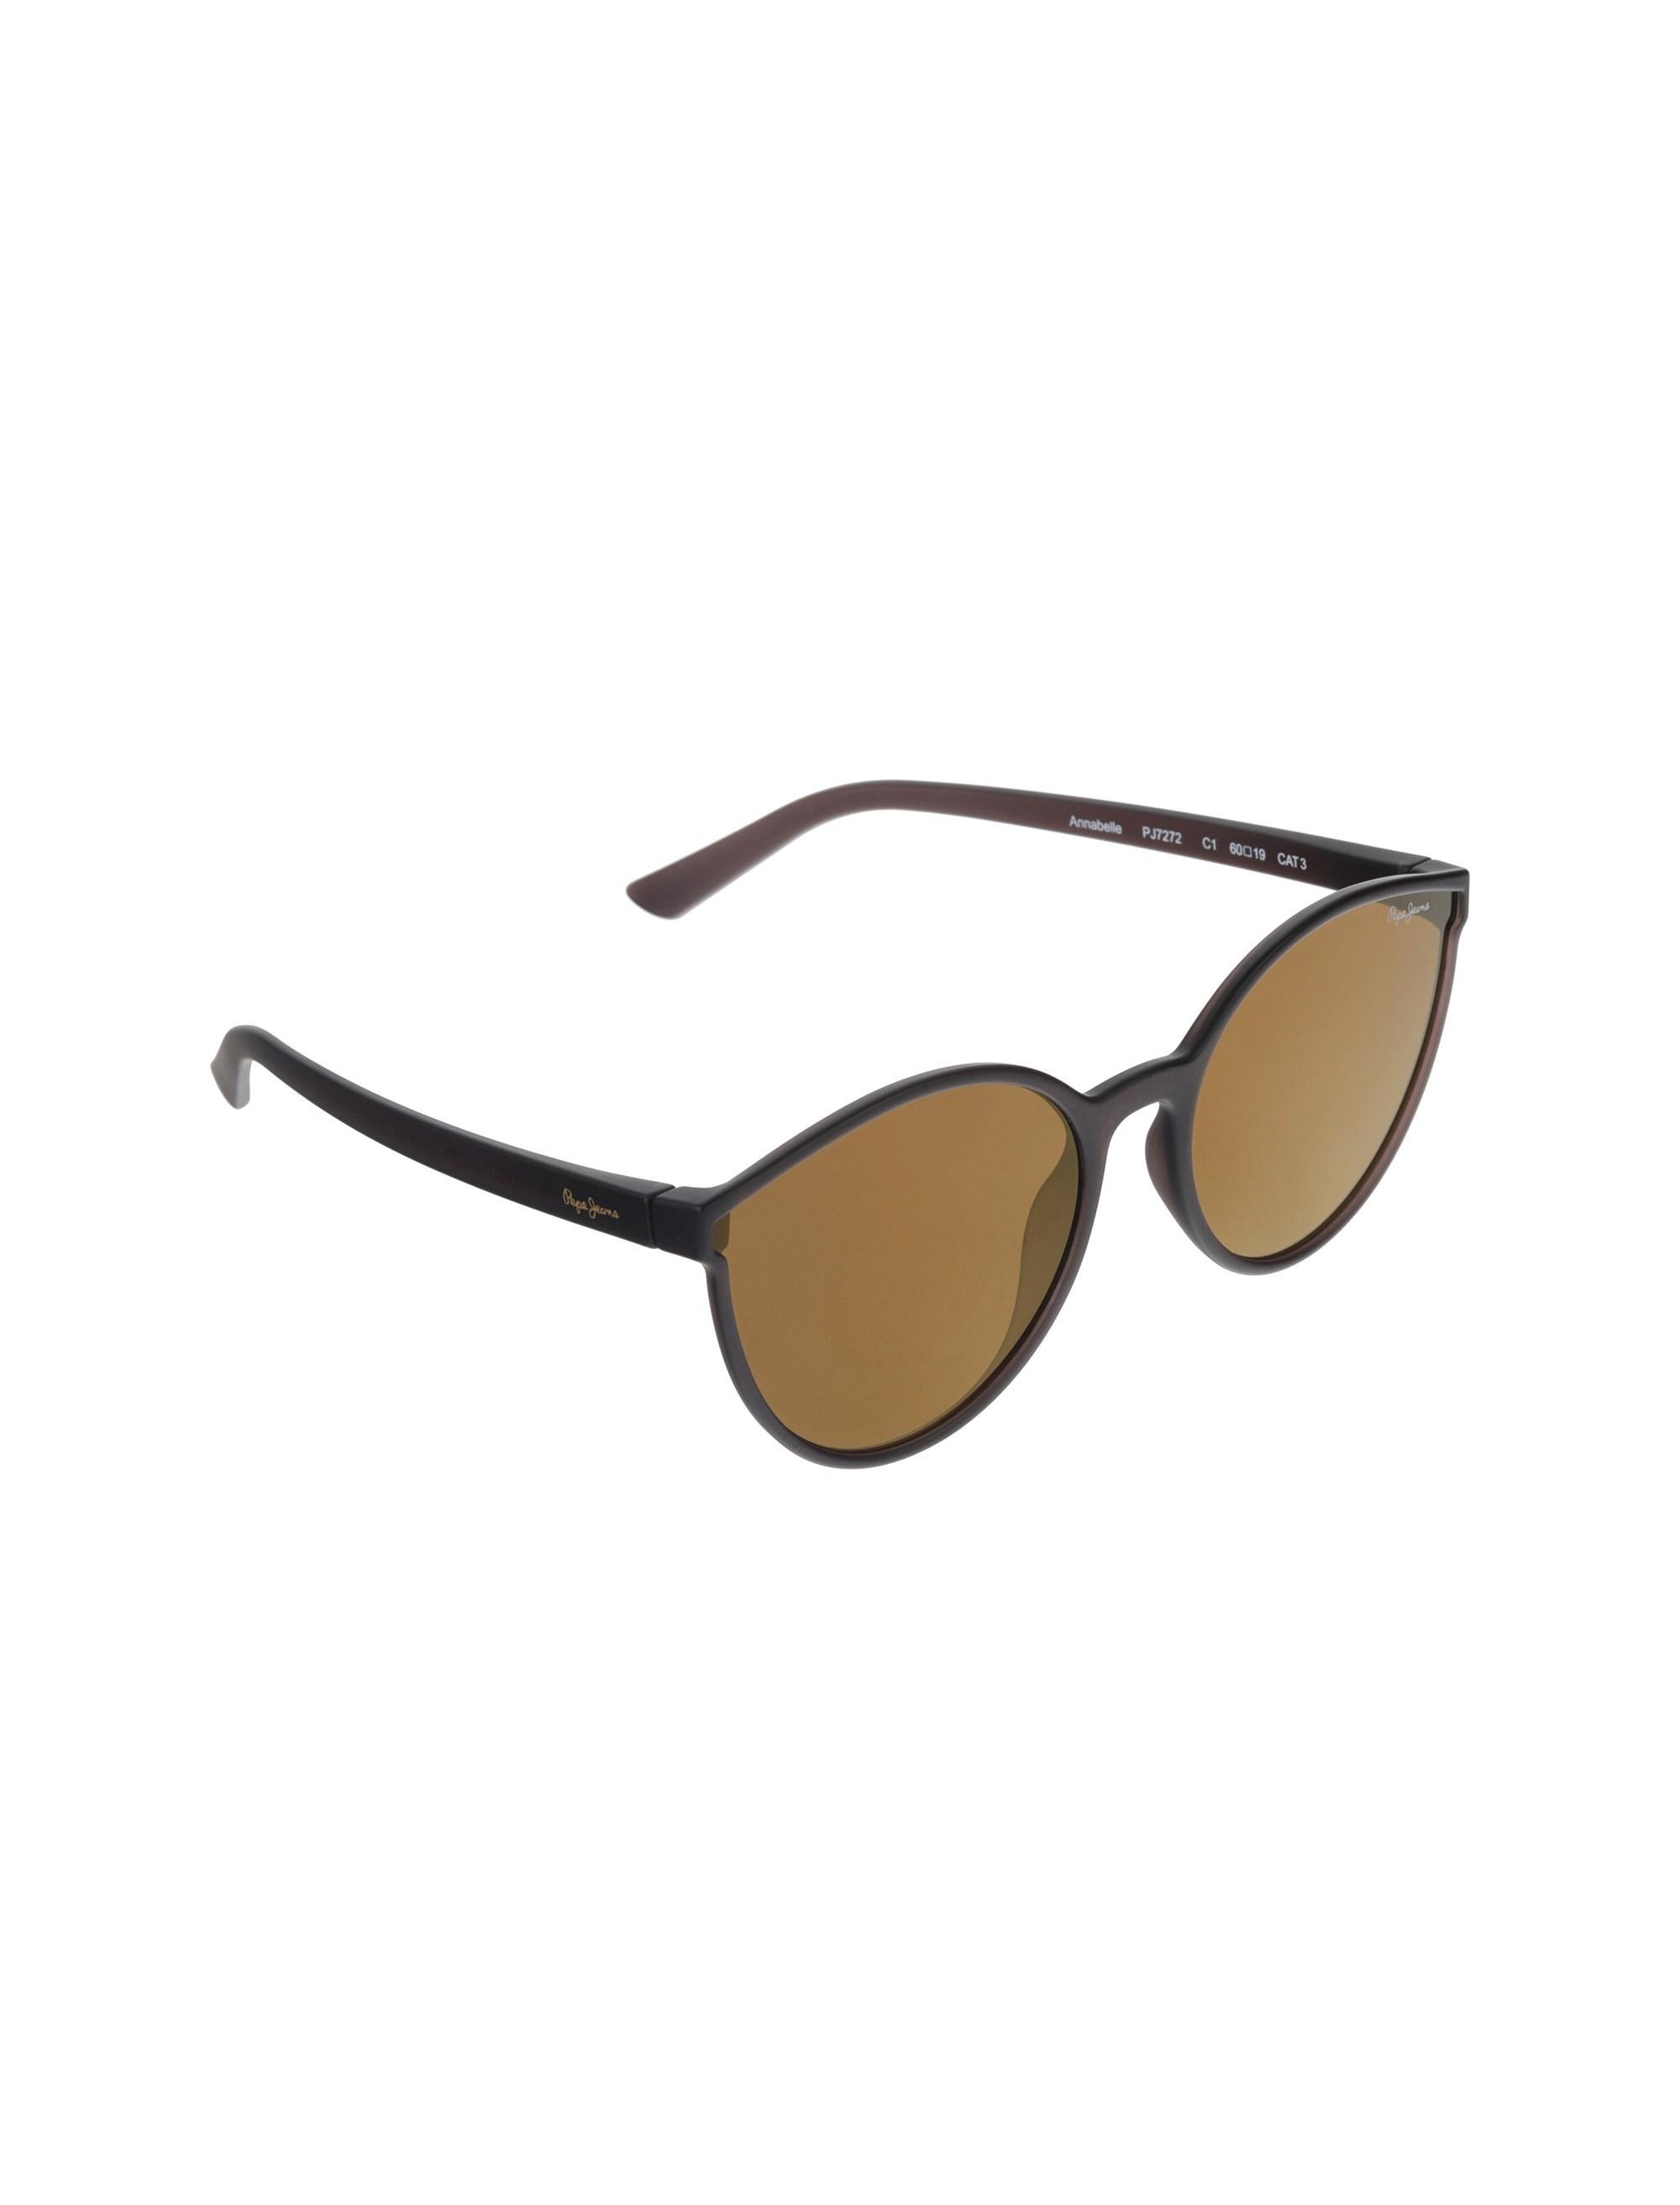 عینک آفتابی پروانه ای زنانه - زغالي - 2